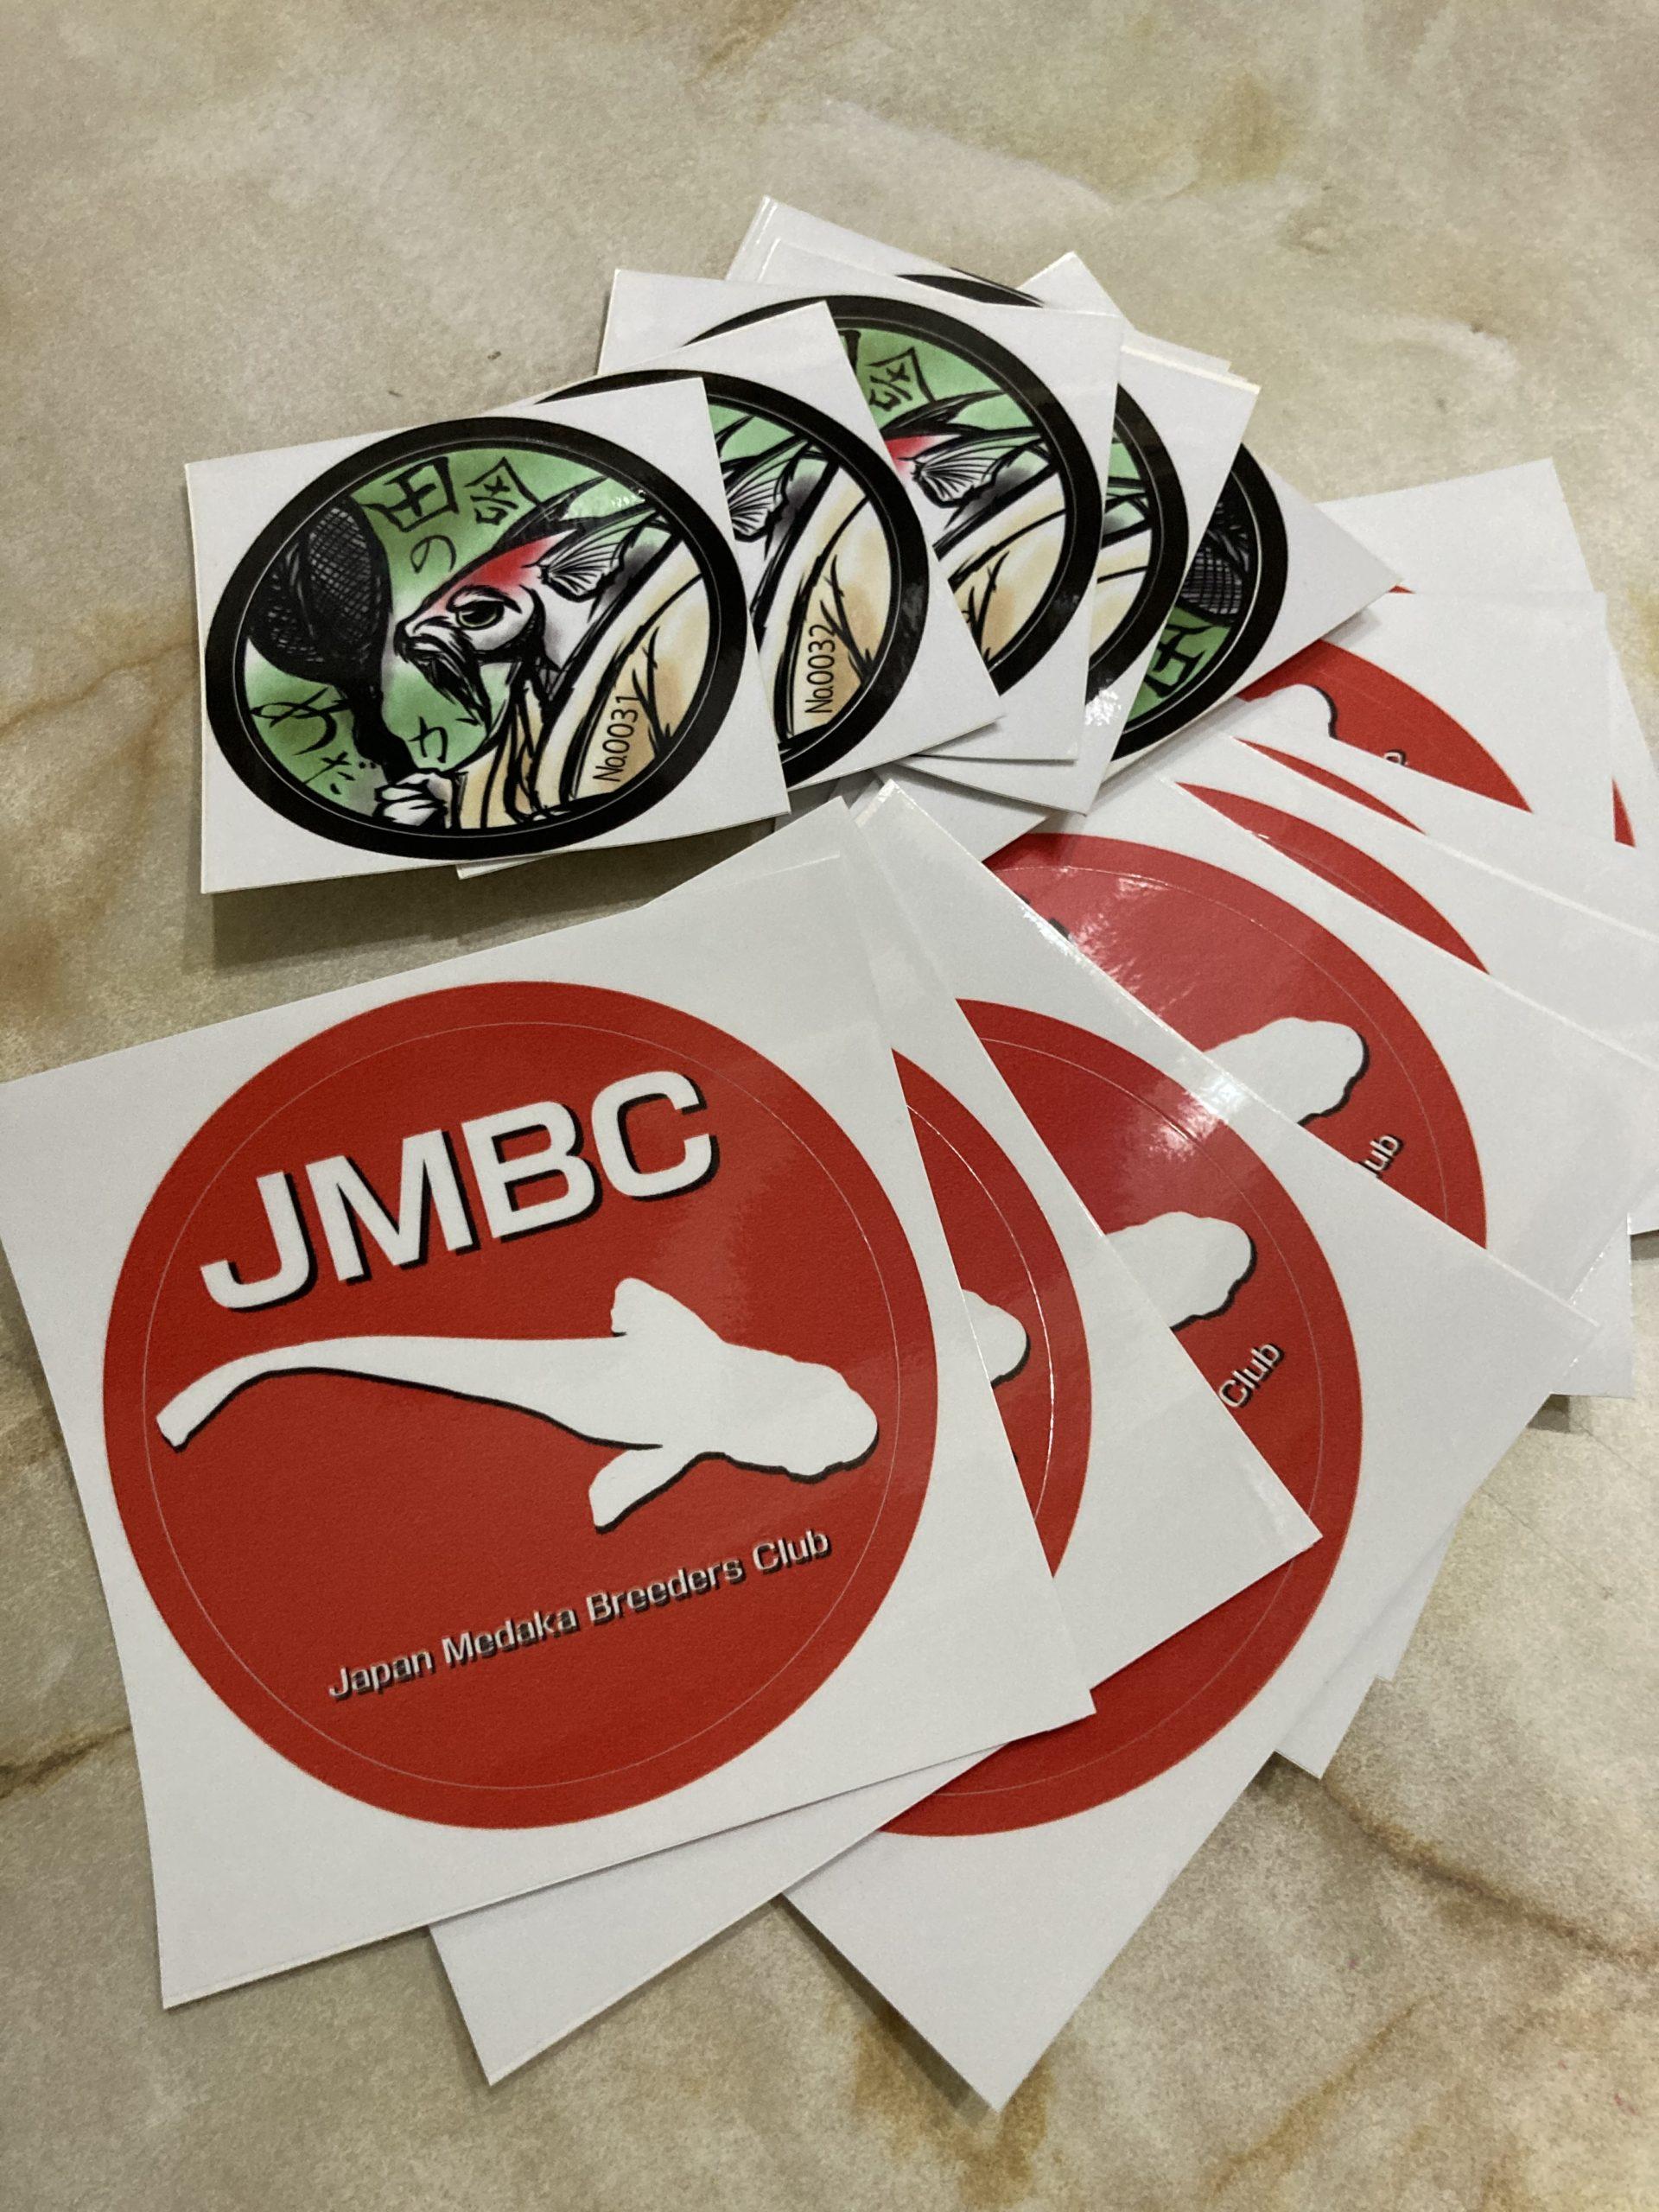 JMBCよりご購入頂いた愛好家の方へ